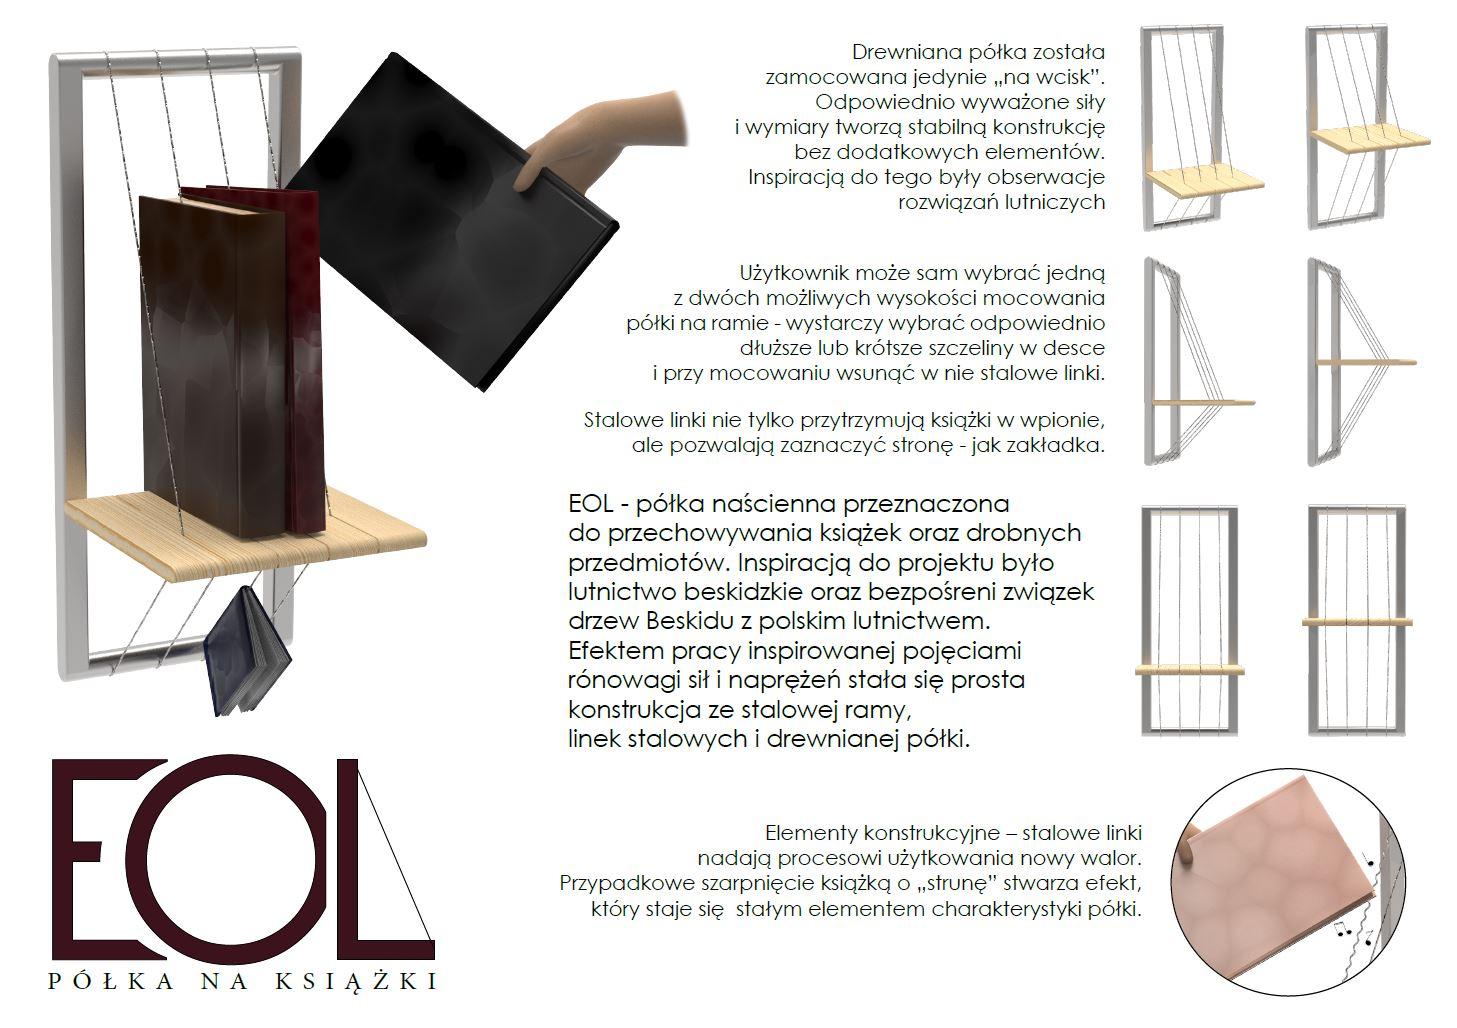 Eol - półka naścienna